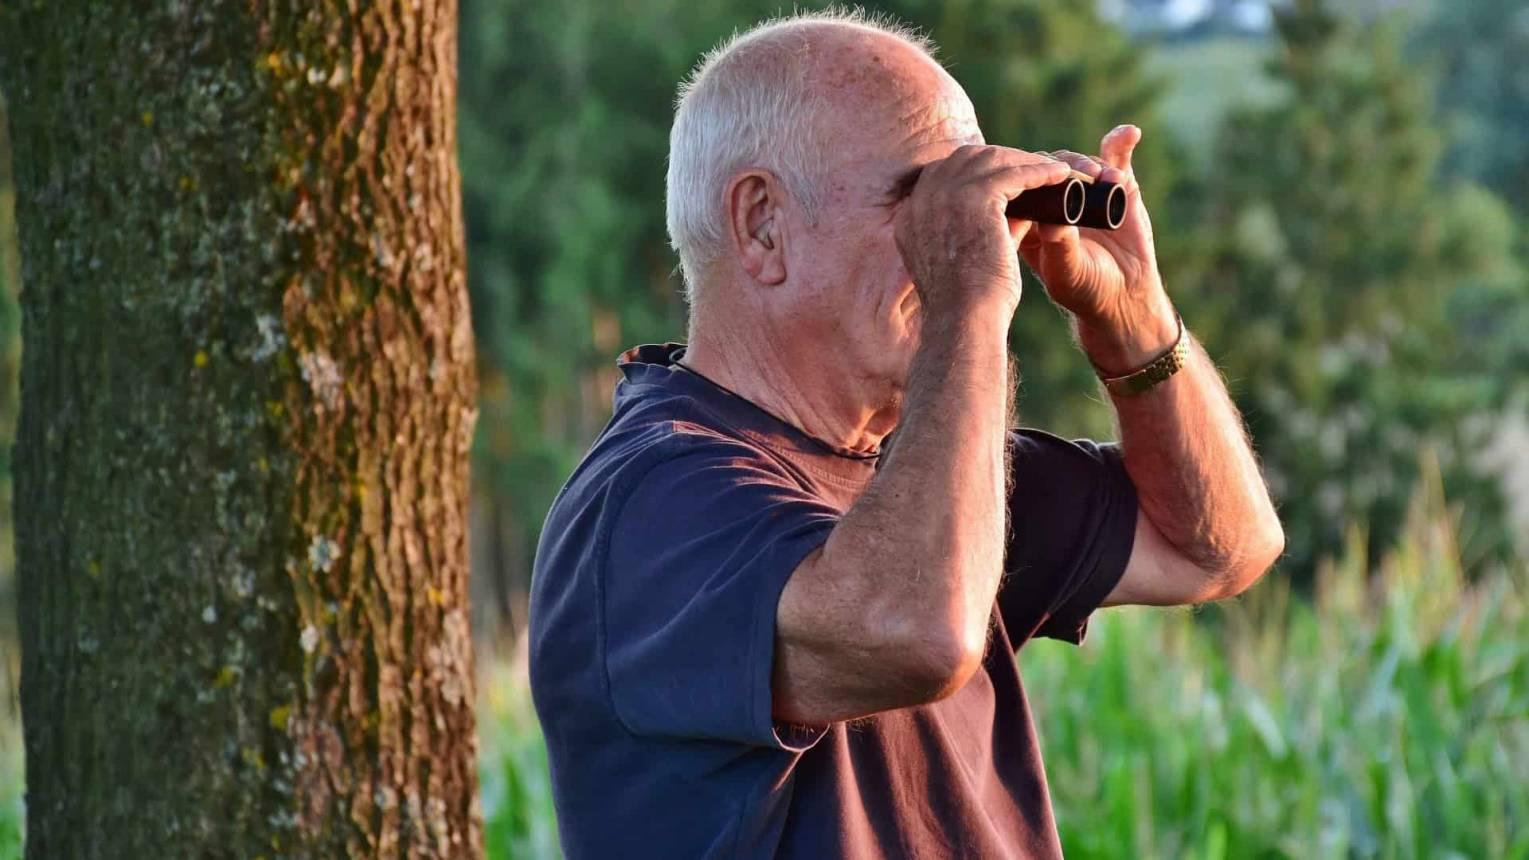 Kids & Senior Hiking – Azért, hogy a fiatalok és az idősek se maradjanak ki a természet programjaiból